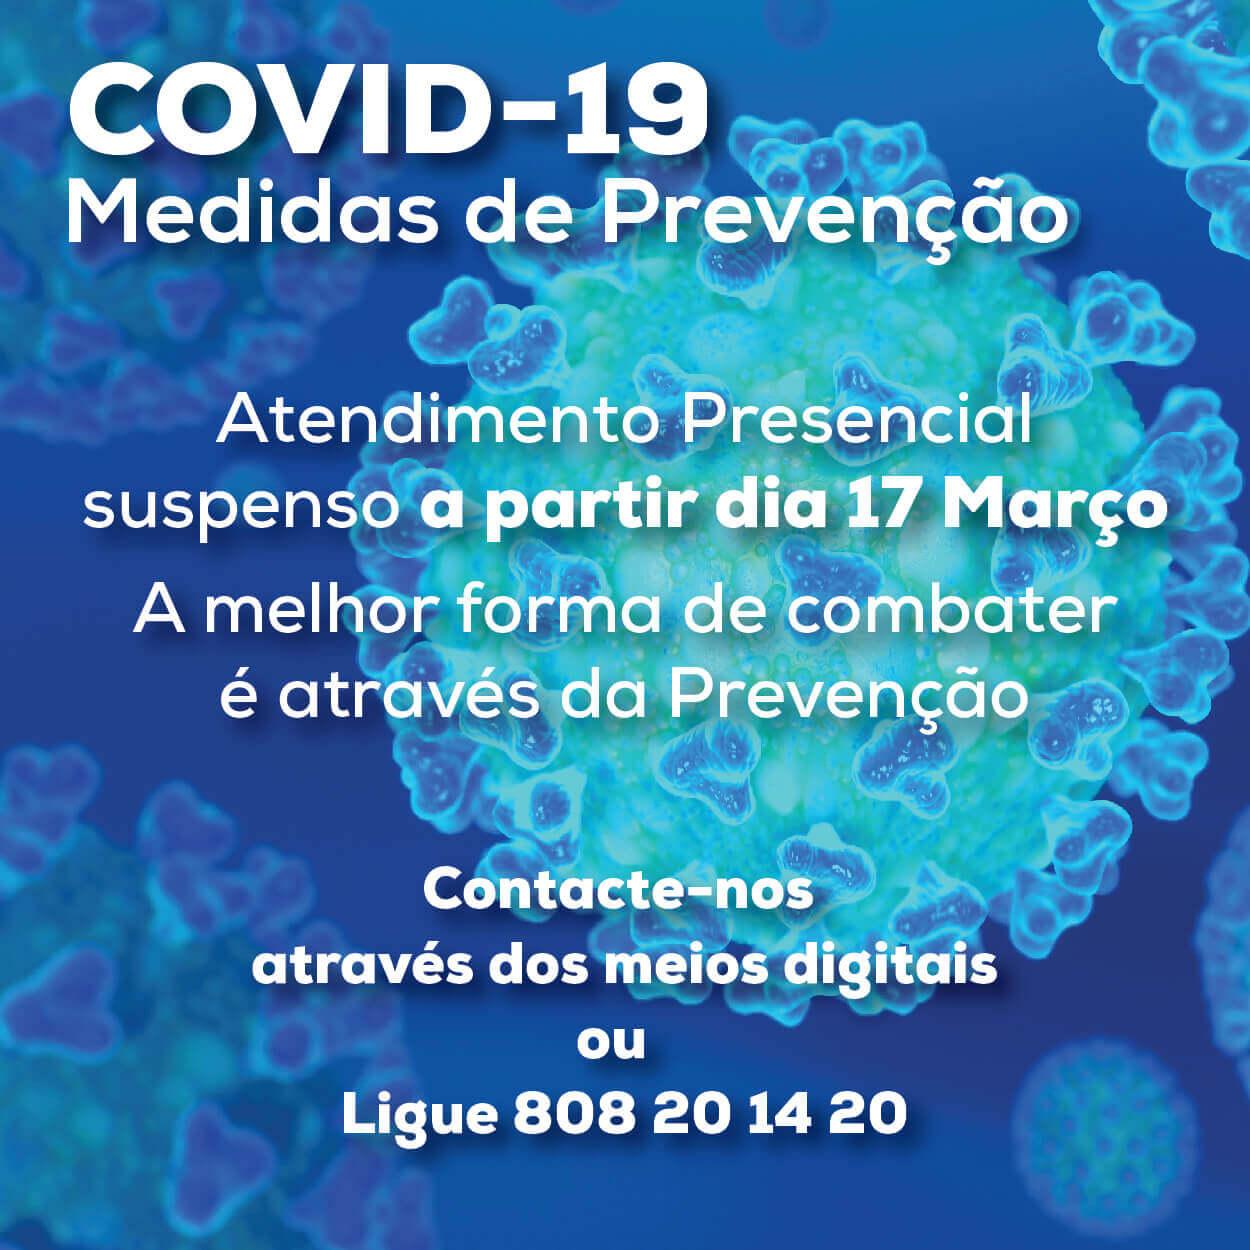 Medidas de Prevenção à Propagação da Covid-19